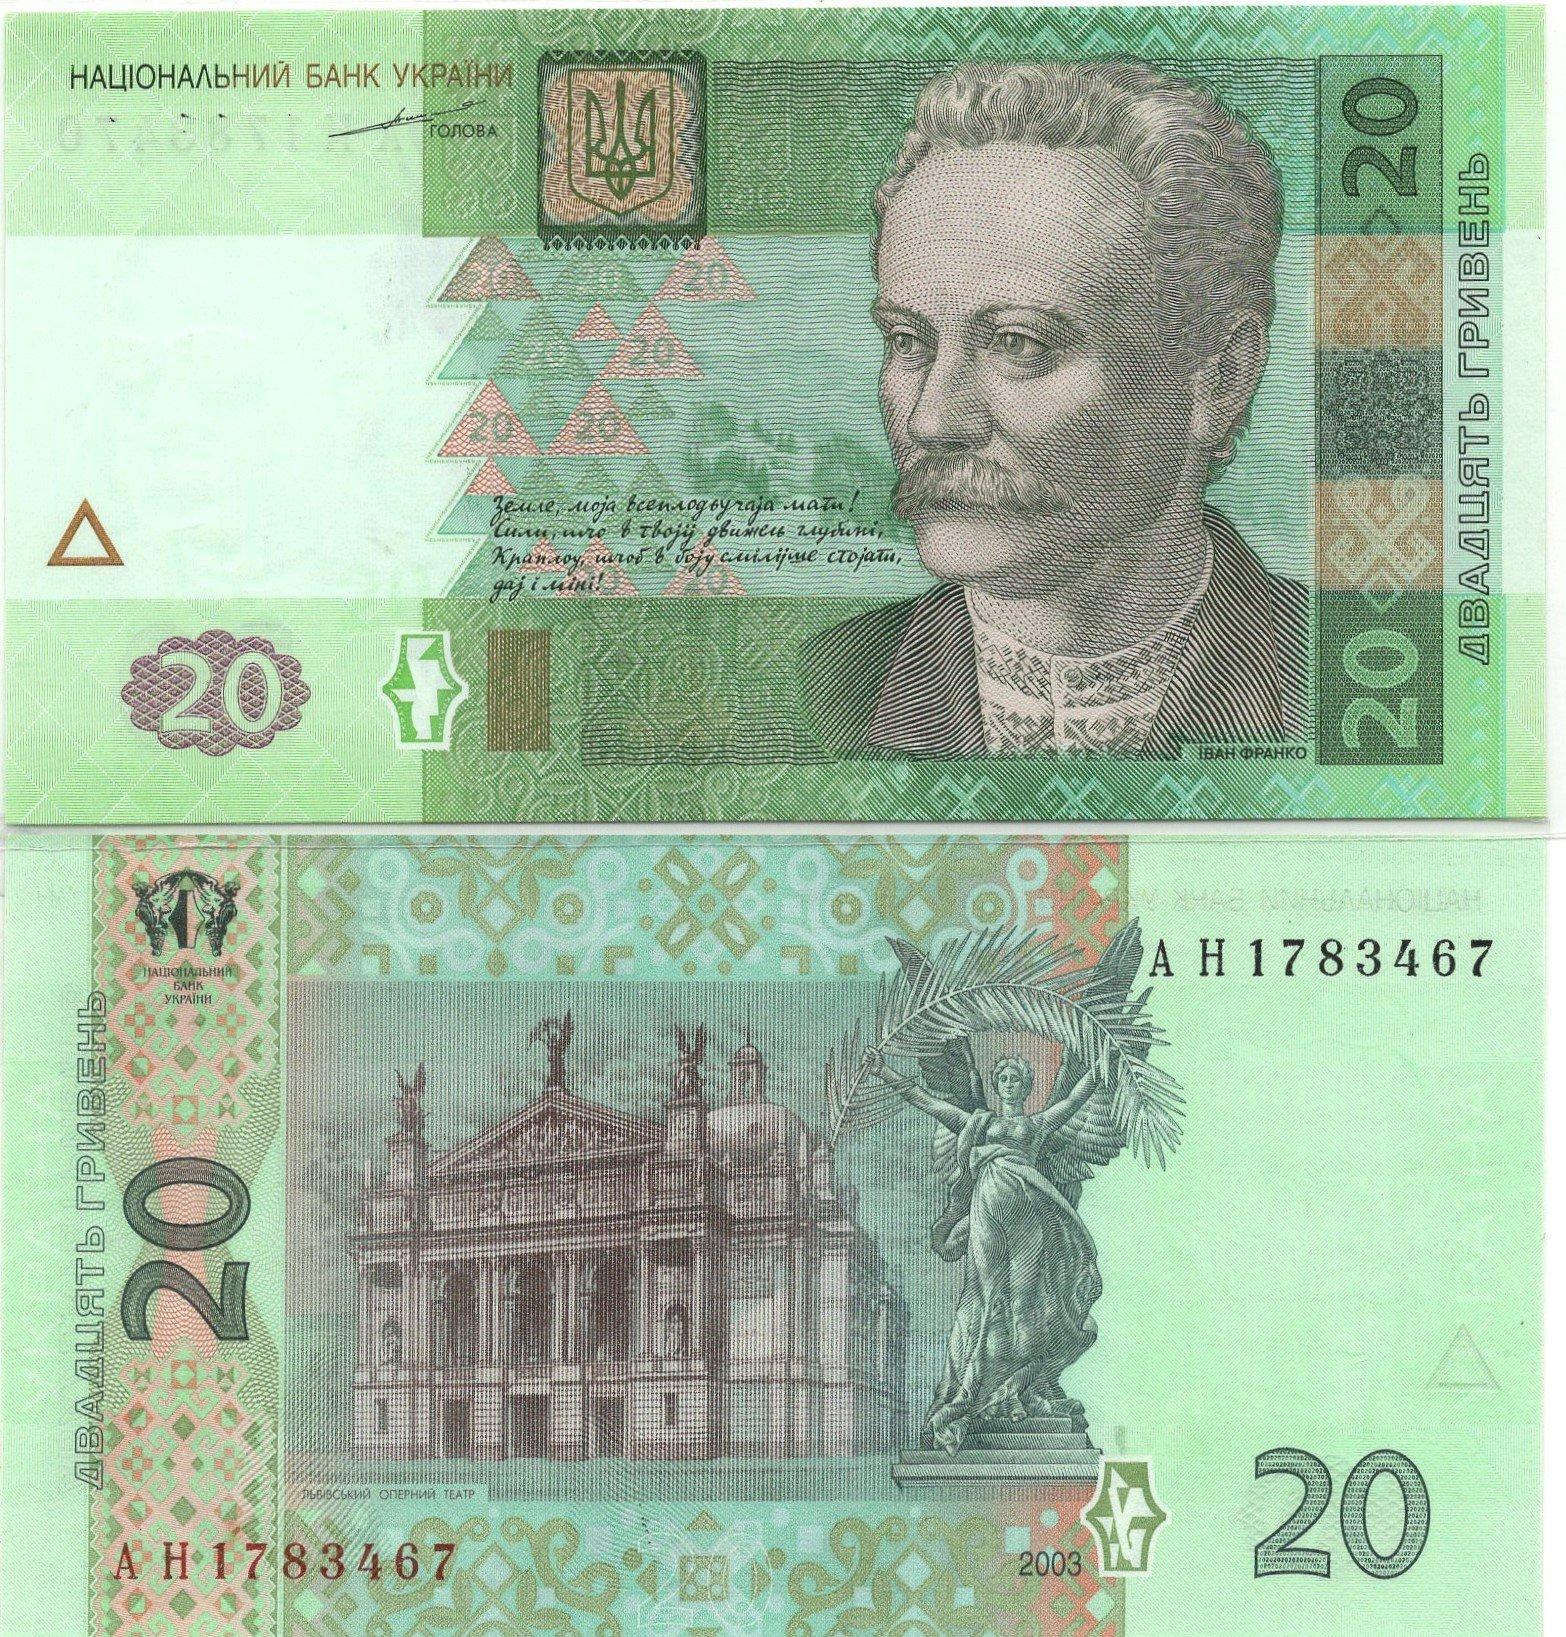 Ukraine 20 hyvren 2003 banknote for sale